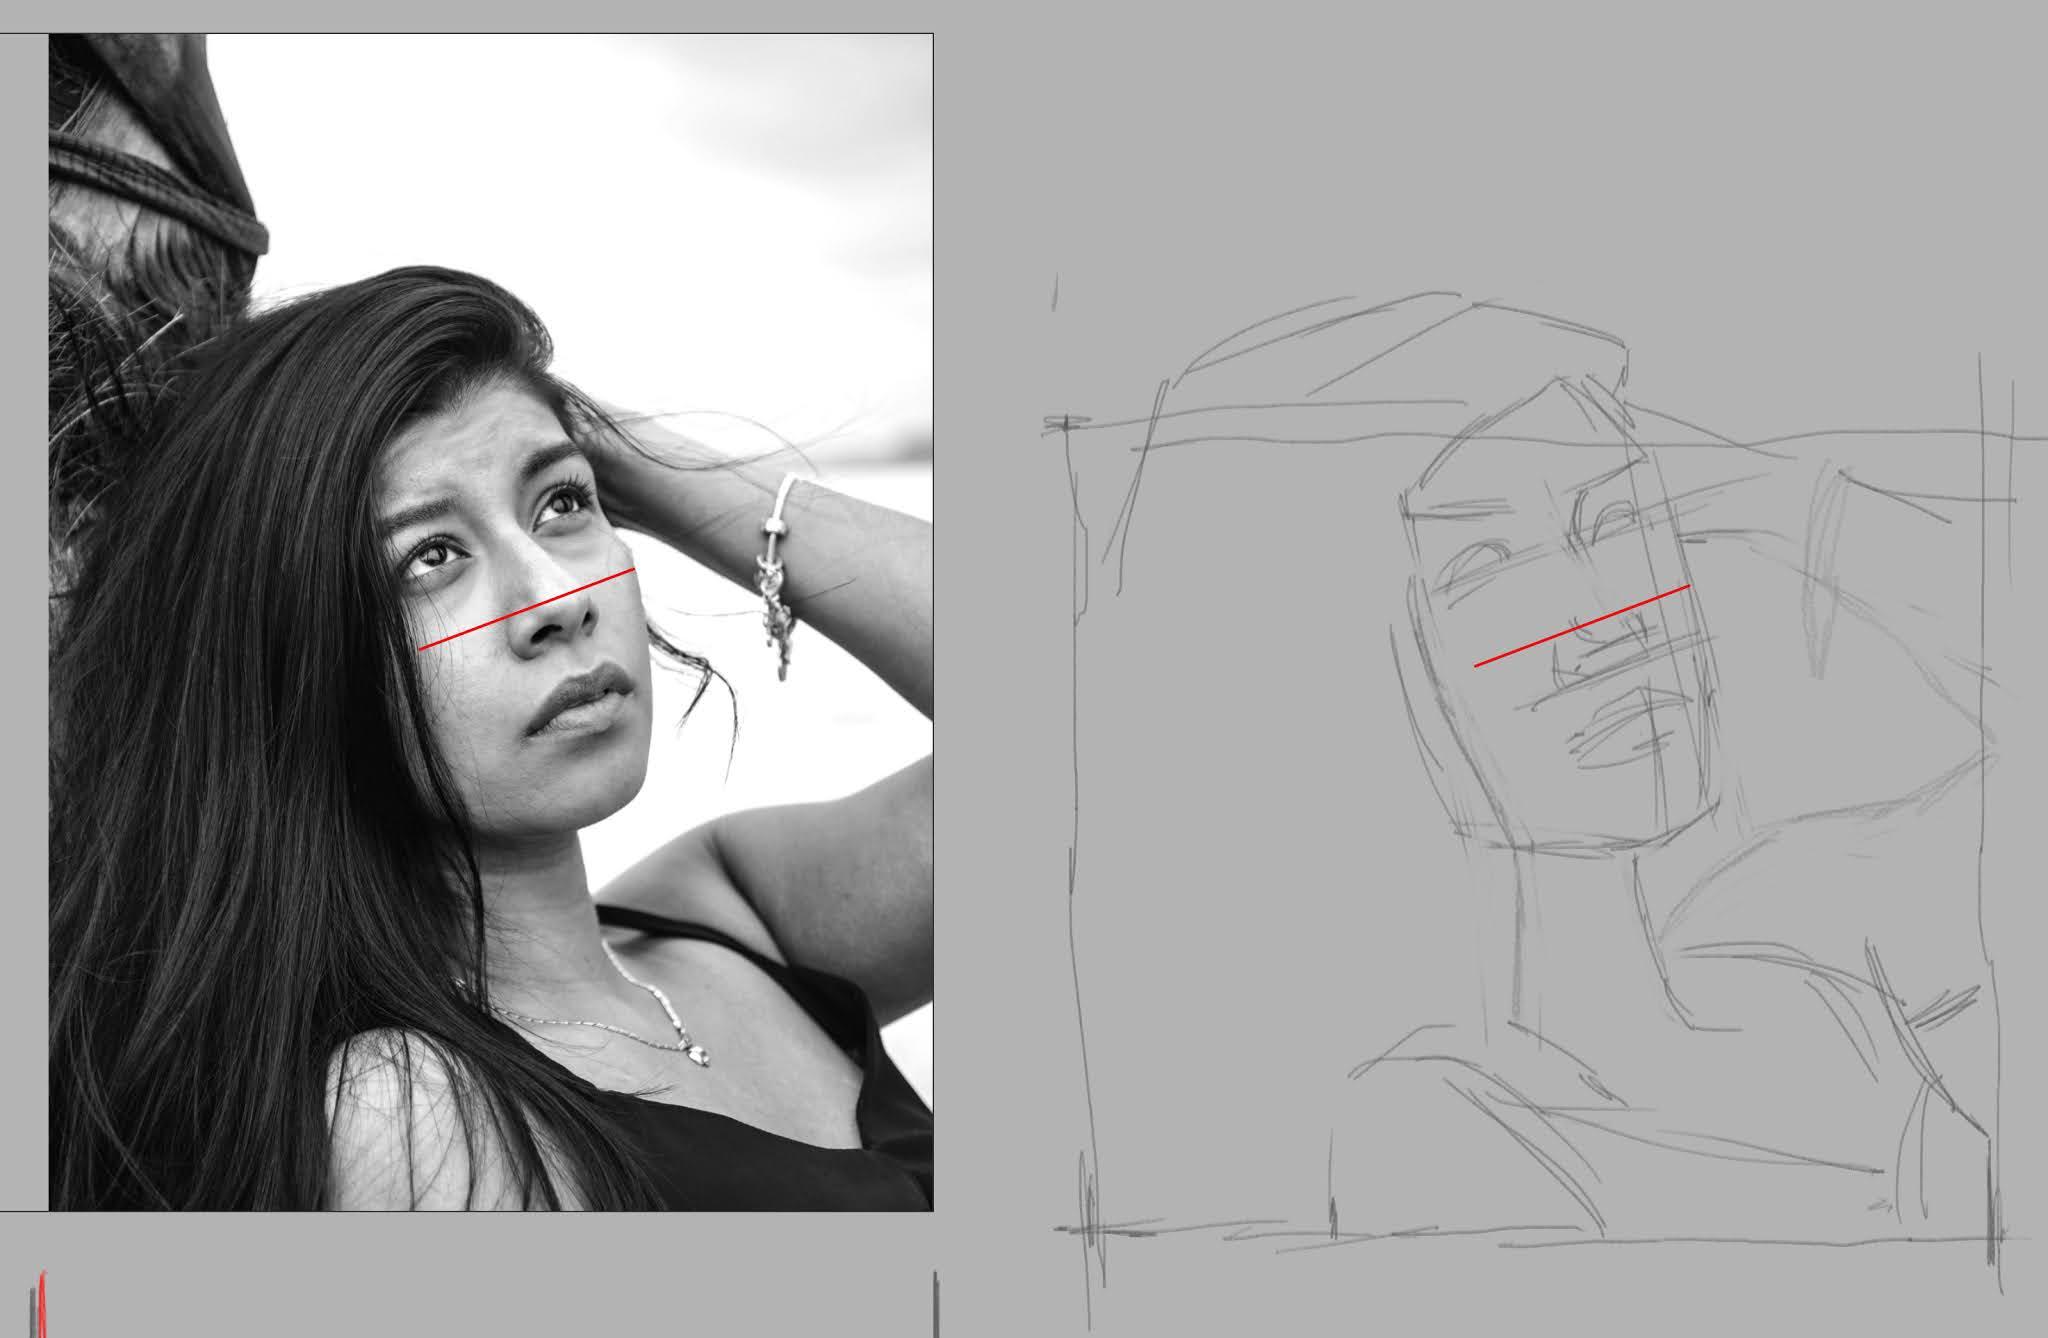 Controllo della larghezza del volto di una ragazza disegnato a matita visto di tre quarti.